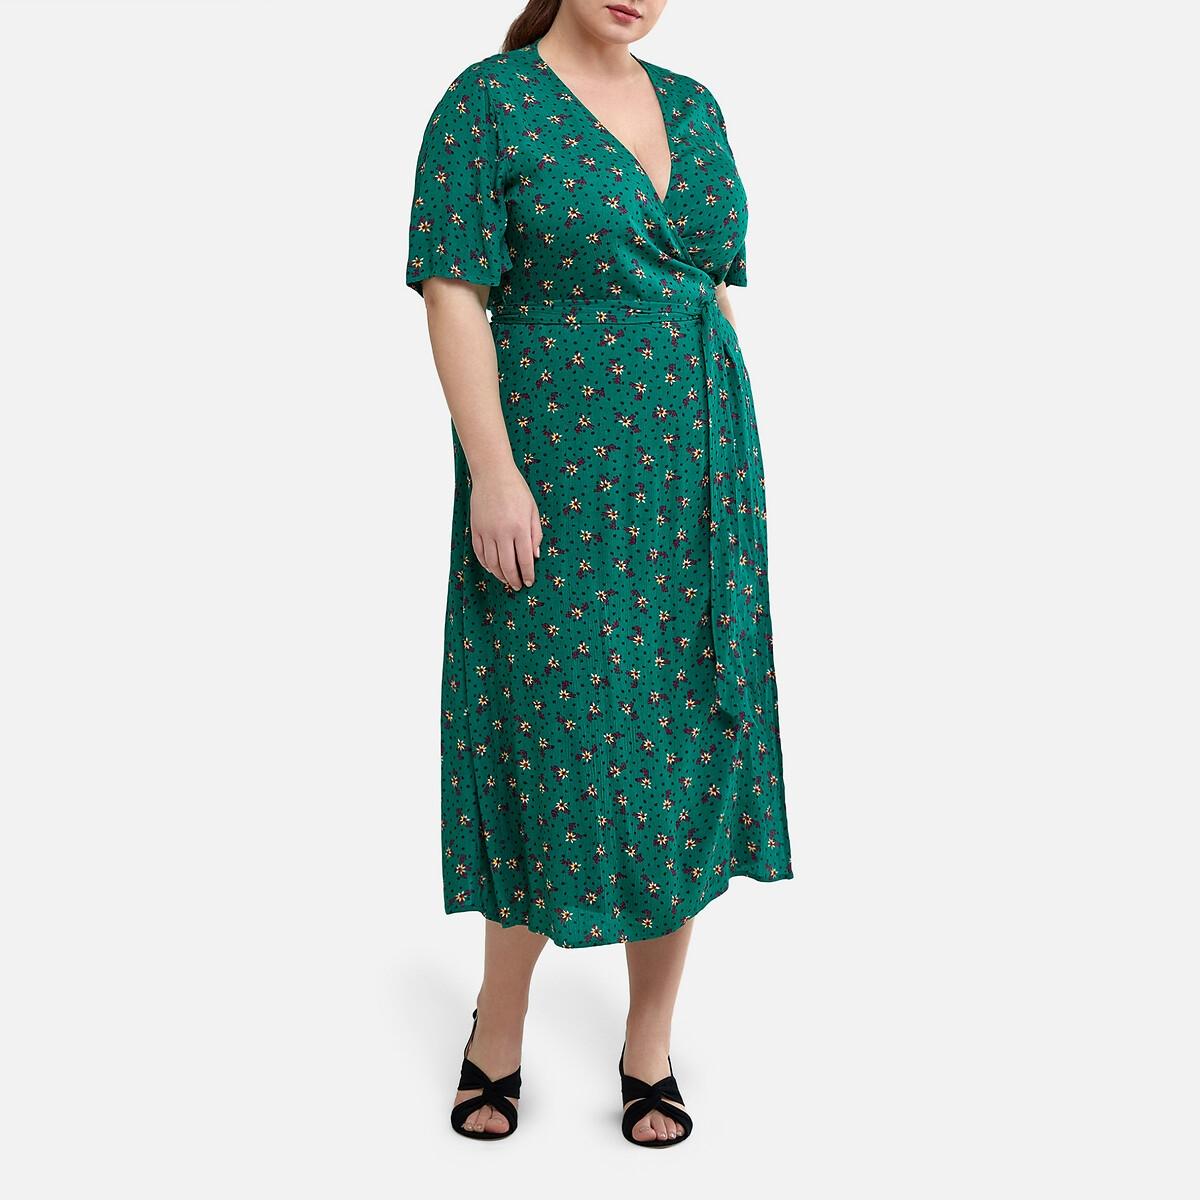 Платье La Redoute С запахом длинное с цветочным принтом 56 (FR) - 62 (RUS) зеленый